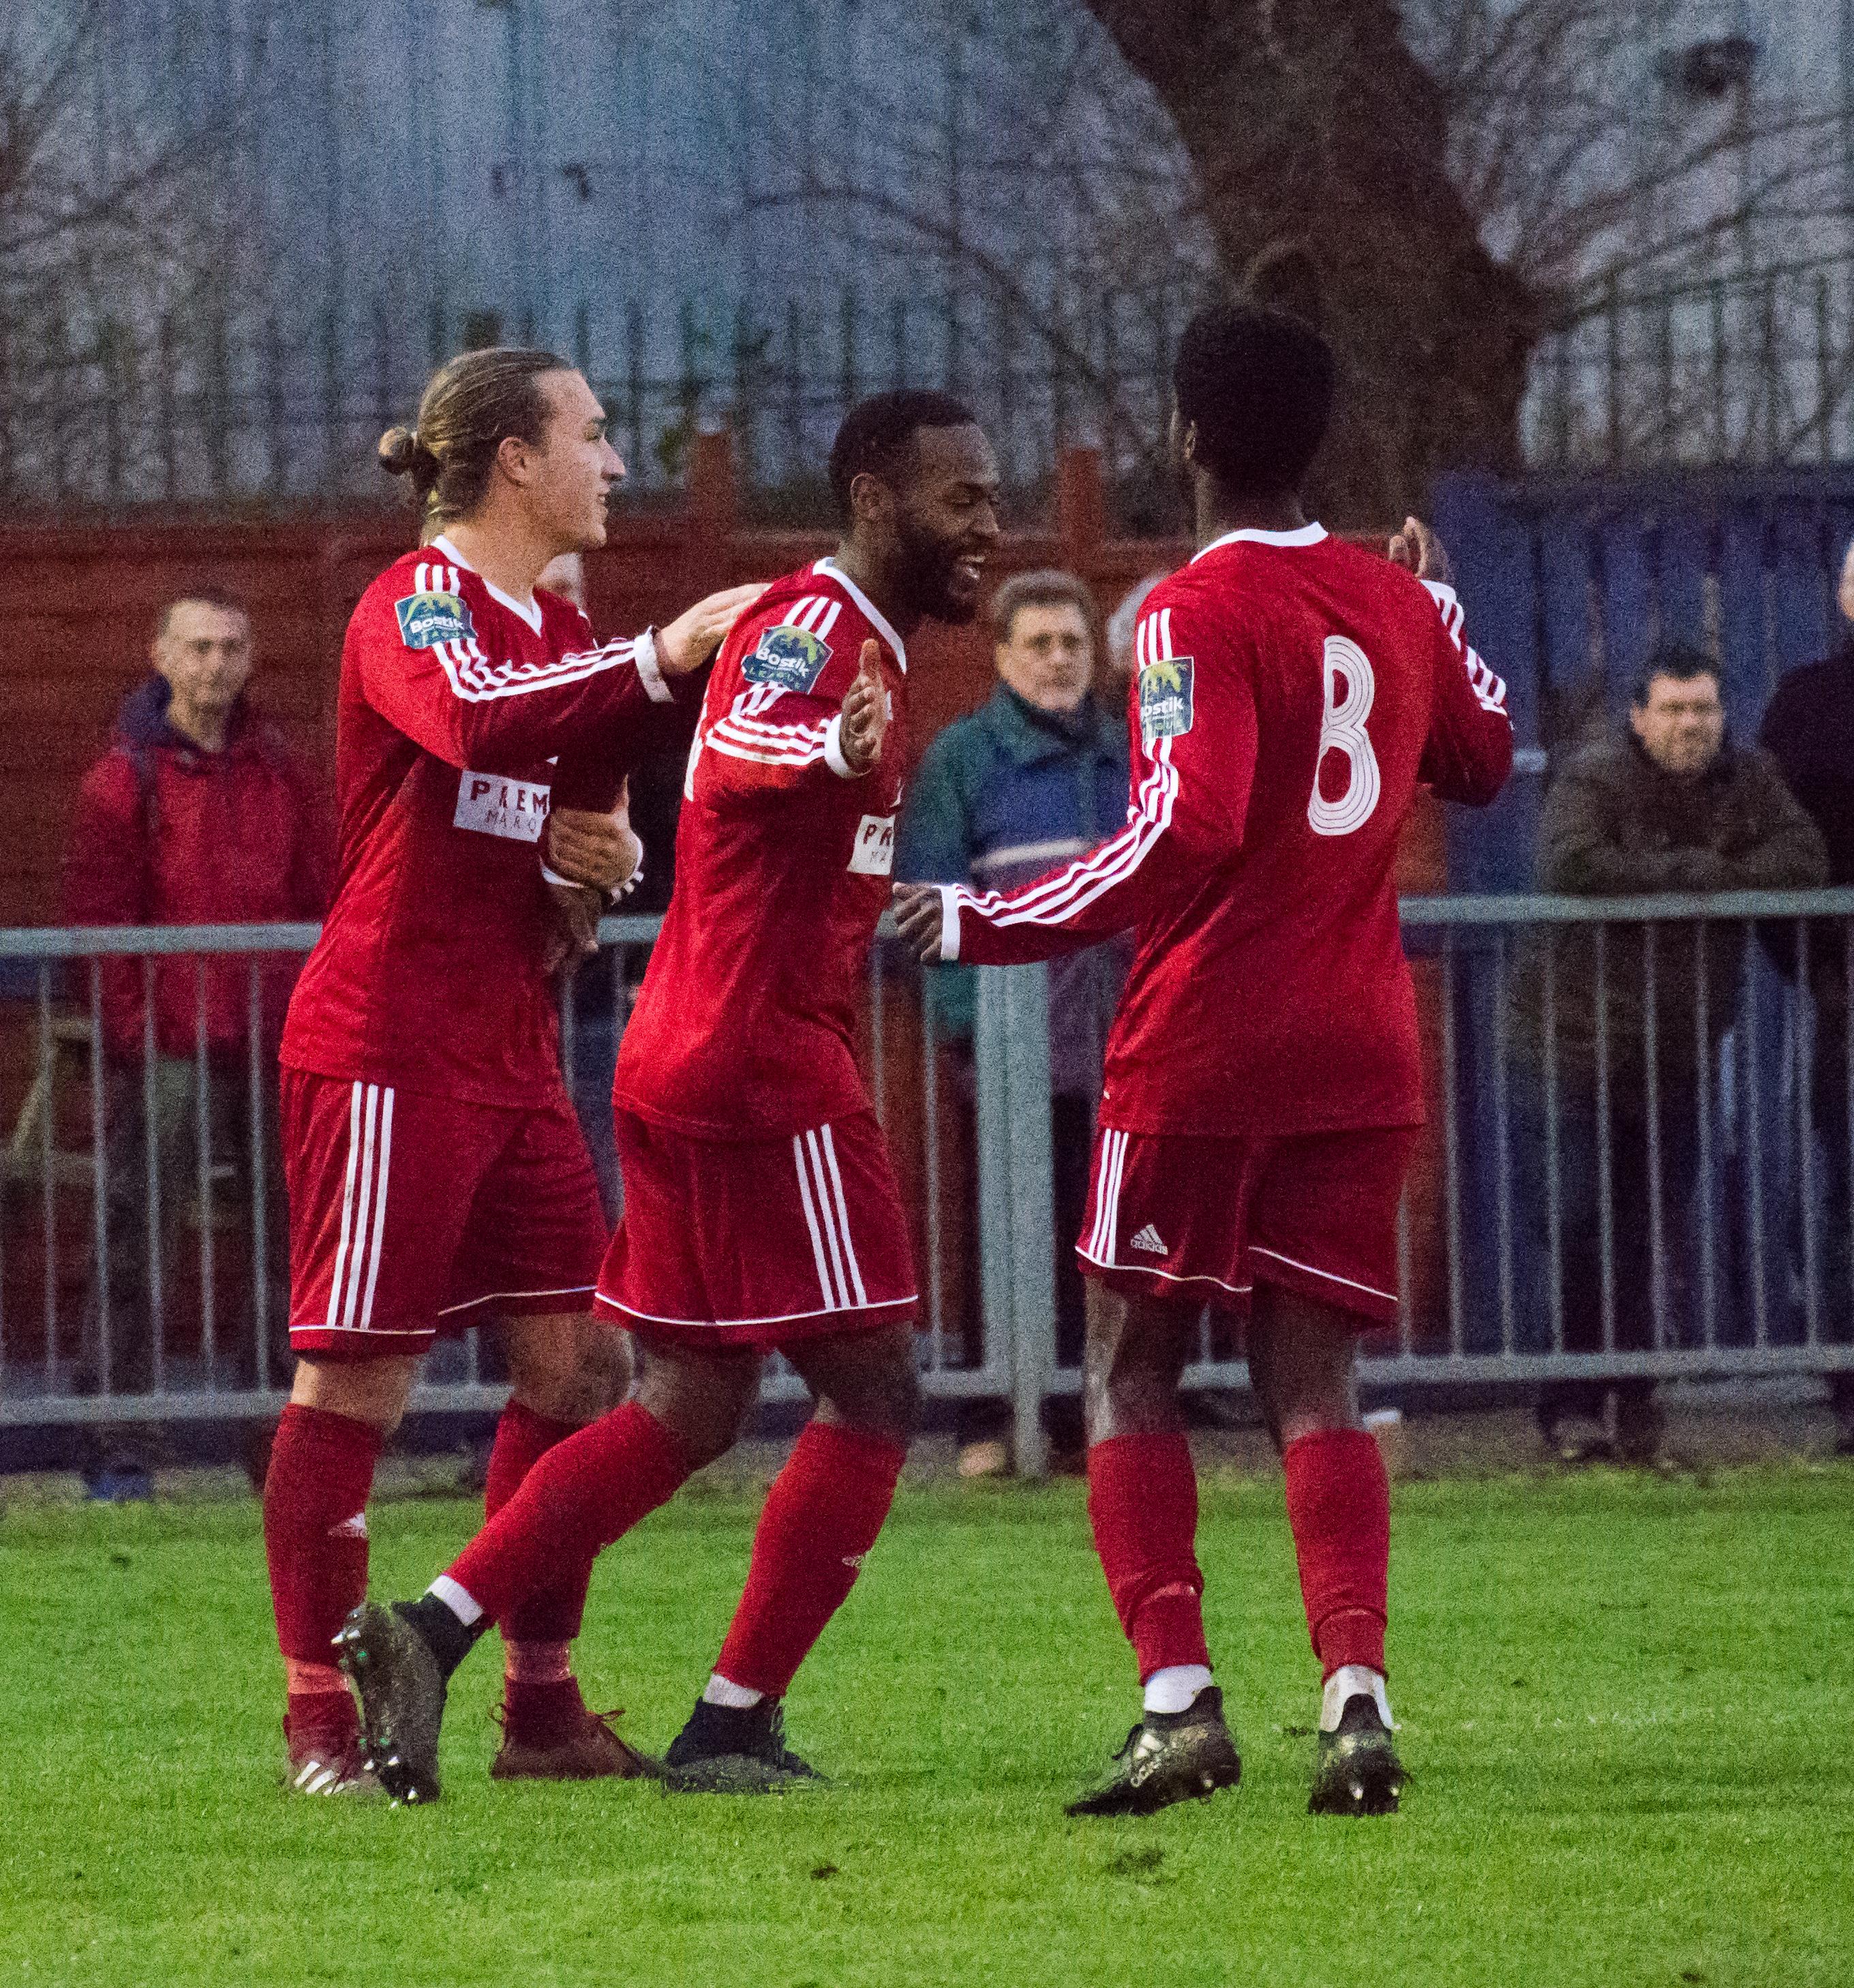 Shoreham FC vs Hythe Town 11.11.17 70